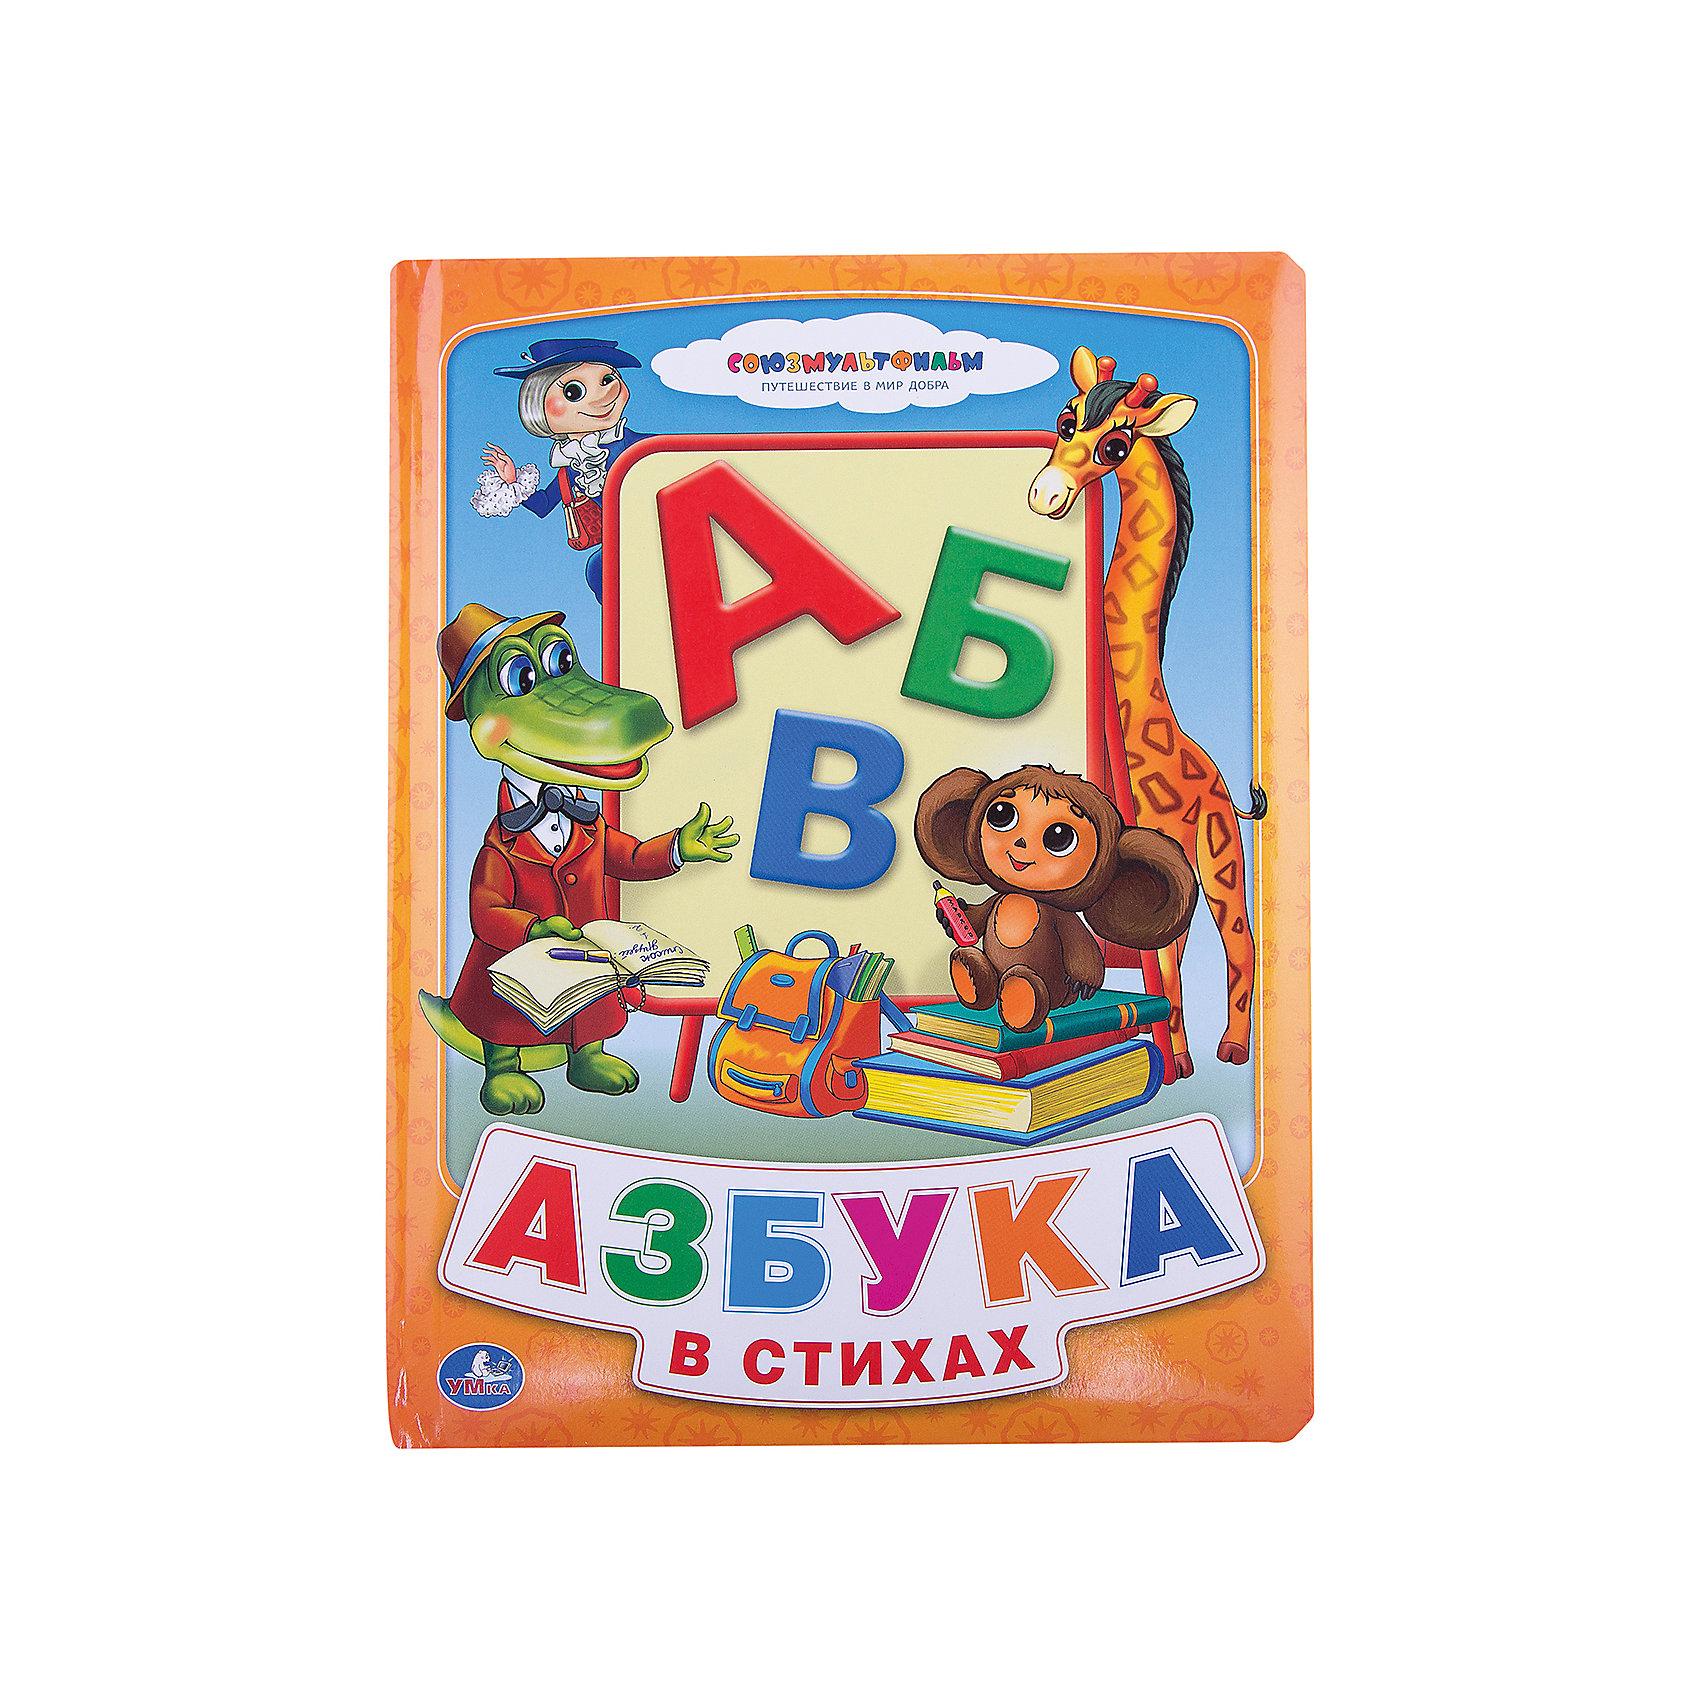 Книга Азбука в стихах, УмкаАзбуки<br>Учить буквы с любимыми героями весело и интересно! Азбука в стихах поможет ребенку не только запомнить алфавит, но и выучить новые слова и маленькие веселые стихи. Яркие иллюстрации, плотные страницы и любимые персонажи из мультфильмов обязательно заинтересую ребенка, сделают процесс обучения увлекательным и интересным. <br><br>Дополнительная информация:<br><br>- Автор: М. Грозовский, Н. Лунина, В. Лунин, Я. Аким, Г. Виеру, И. Горюнова, Н. Пунько.<br>- Формат: 22х29 см.<br>- Переплет: твердый.  <br>- Количество страниц: 16<br>- Иллюстрации: цветные. <br><br>Книгу Азбука в стихах, Умка, можно купить в нашем магазине.<br><br>Ширина мм: 220<br>Глубина мм: 280<br>Высота мм: 10<br>Вес г: 500<br>Возраст от месяцев: 36<br>Возраст до месяцев: 72<br>Пол: Унисекс<br>Возраст: Детский<br>SKU: 4720160